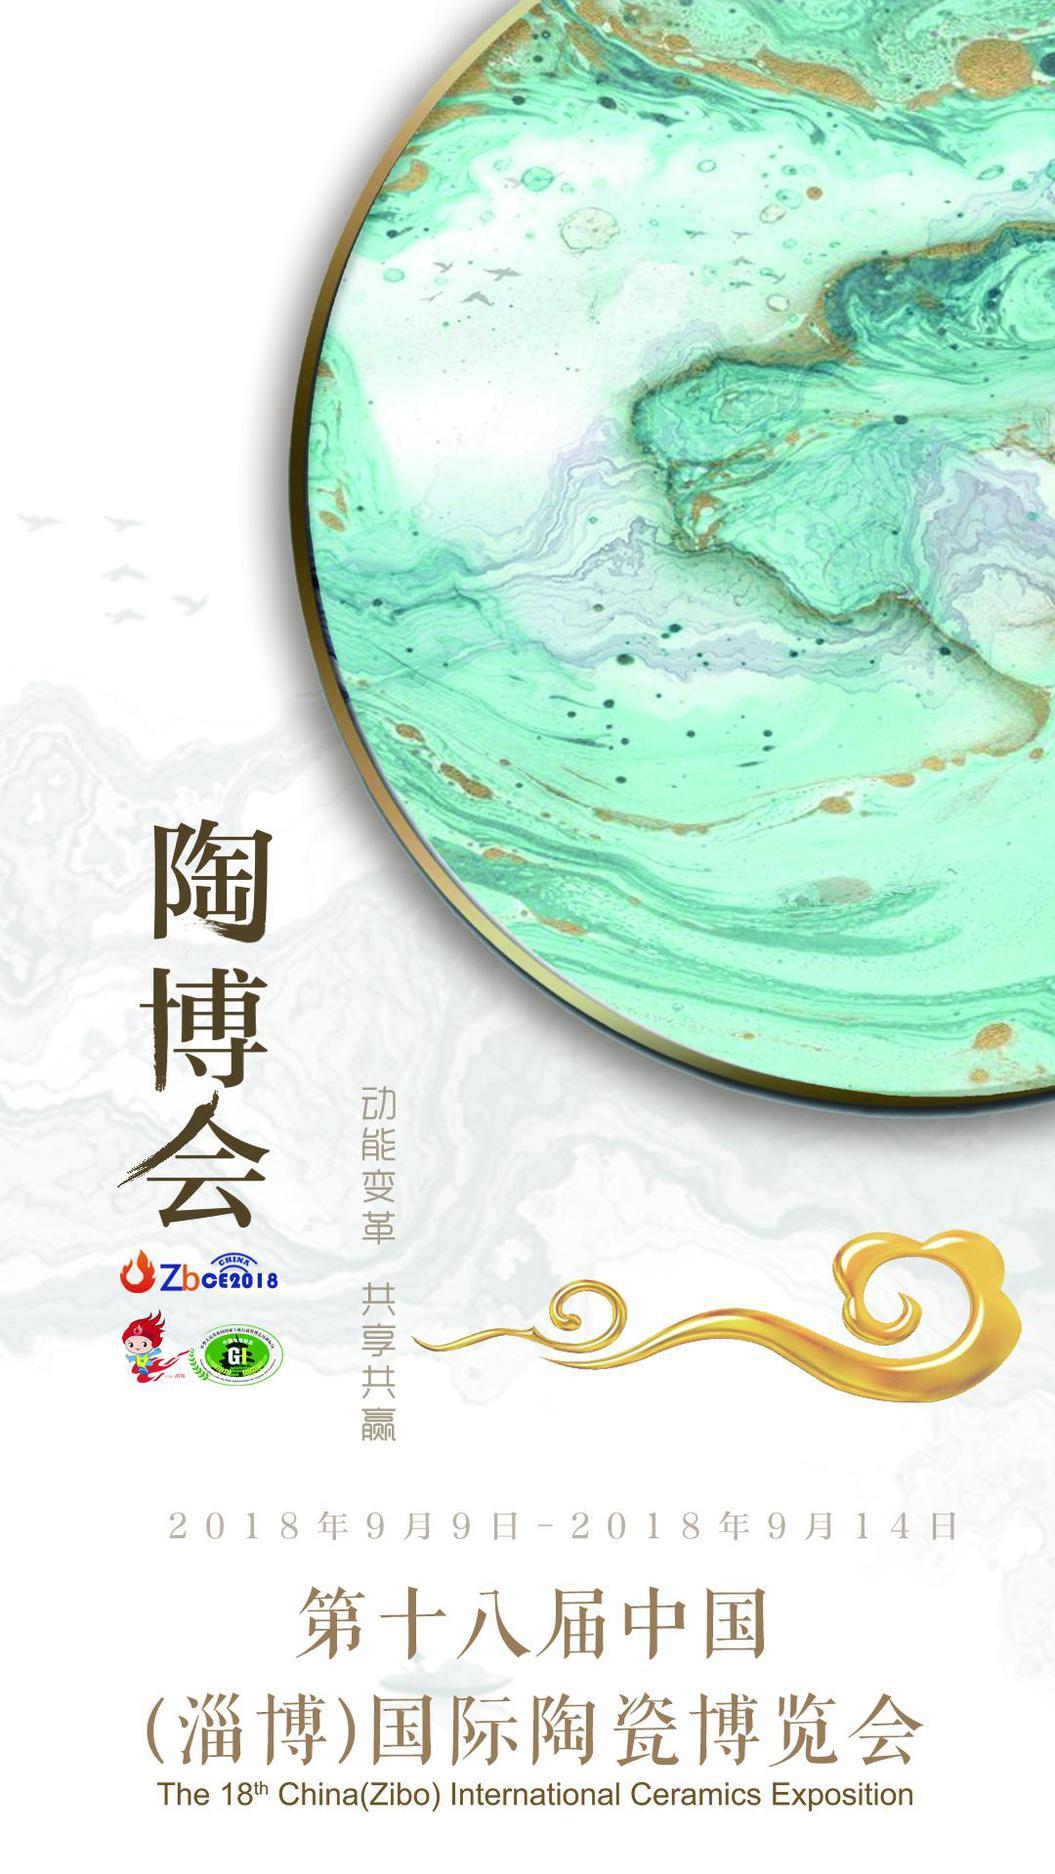 第18届中国(淄博)国际陶瓷博览会——新浪网手机专题